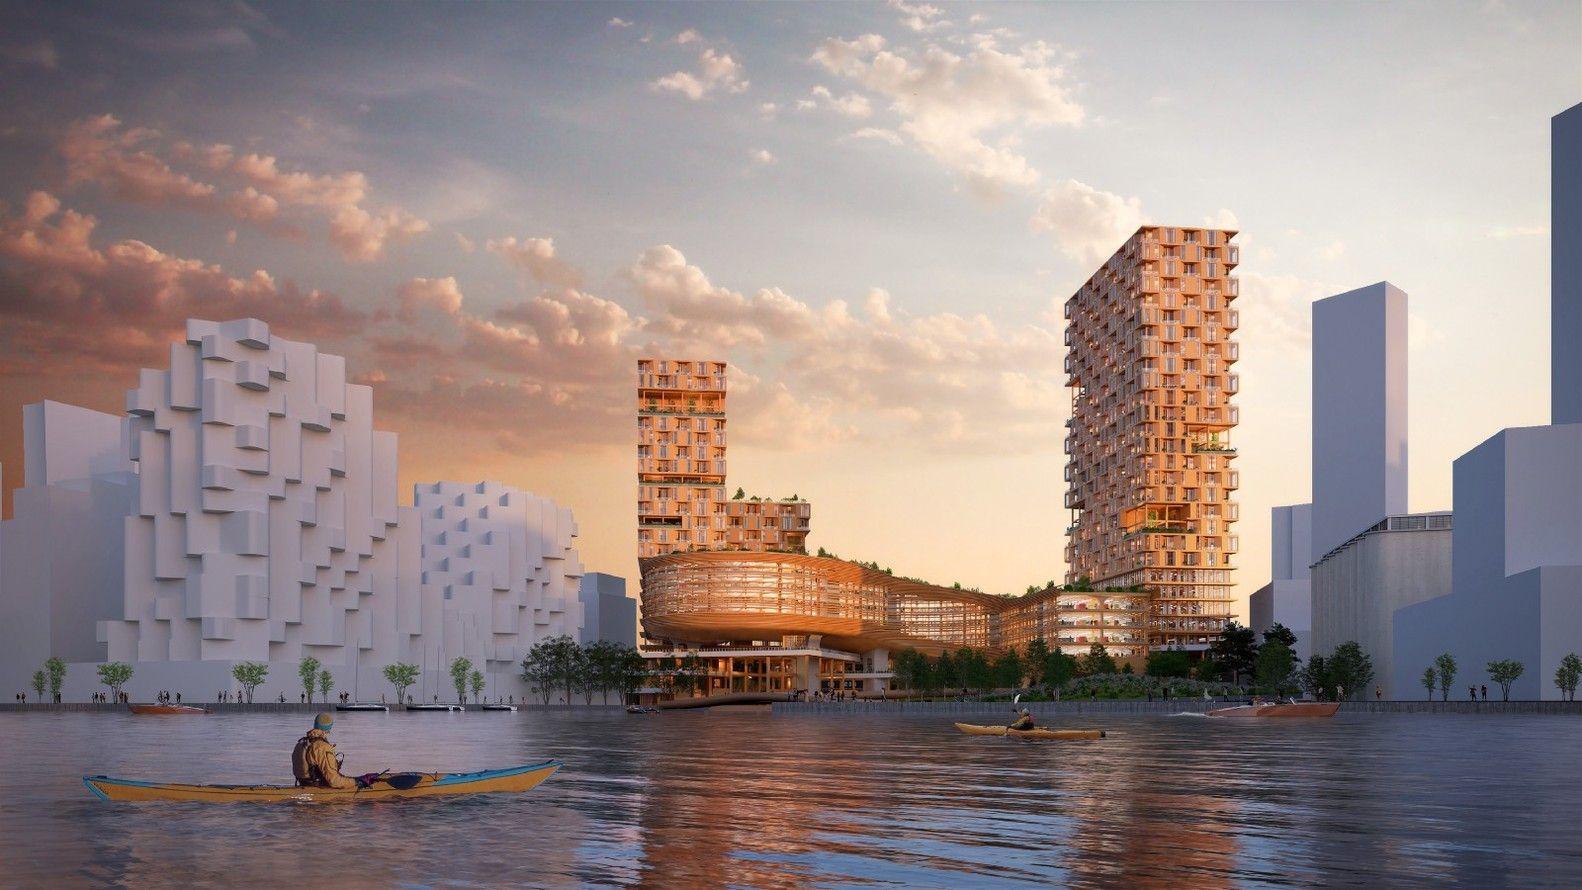 Google打造「智慧城市」引爭議!濱海木質住宅社區靠互聯網「活著」